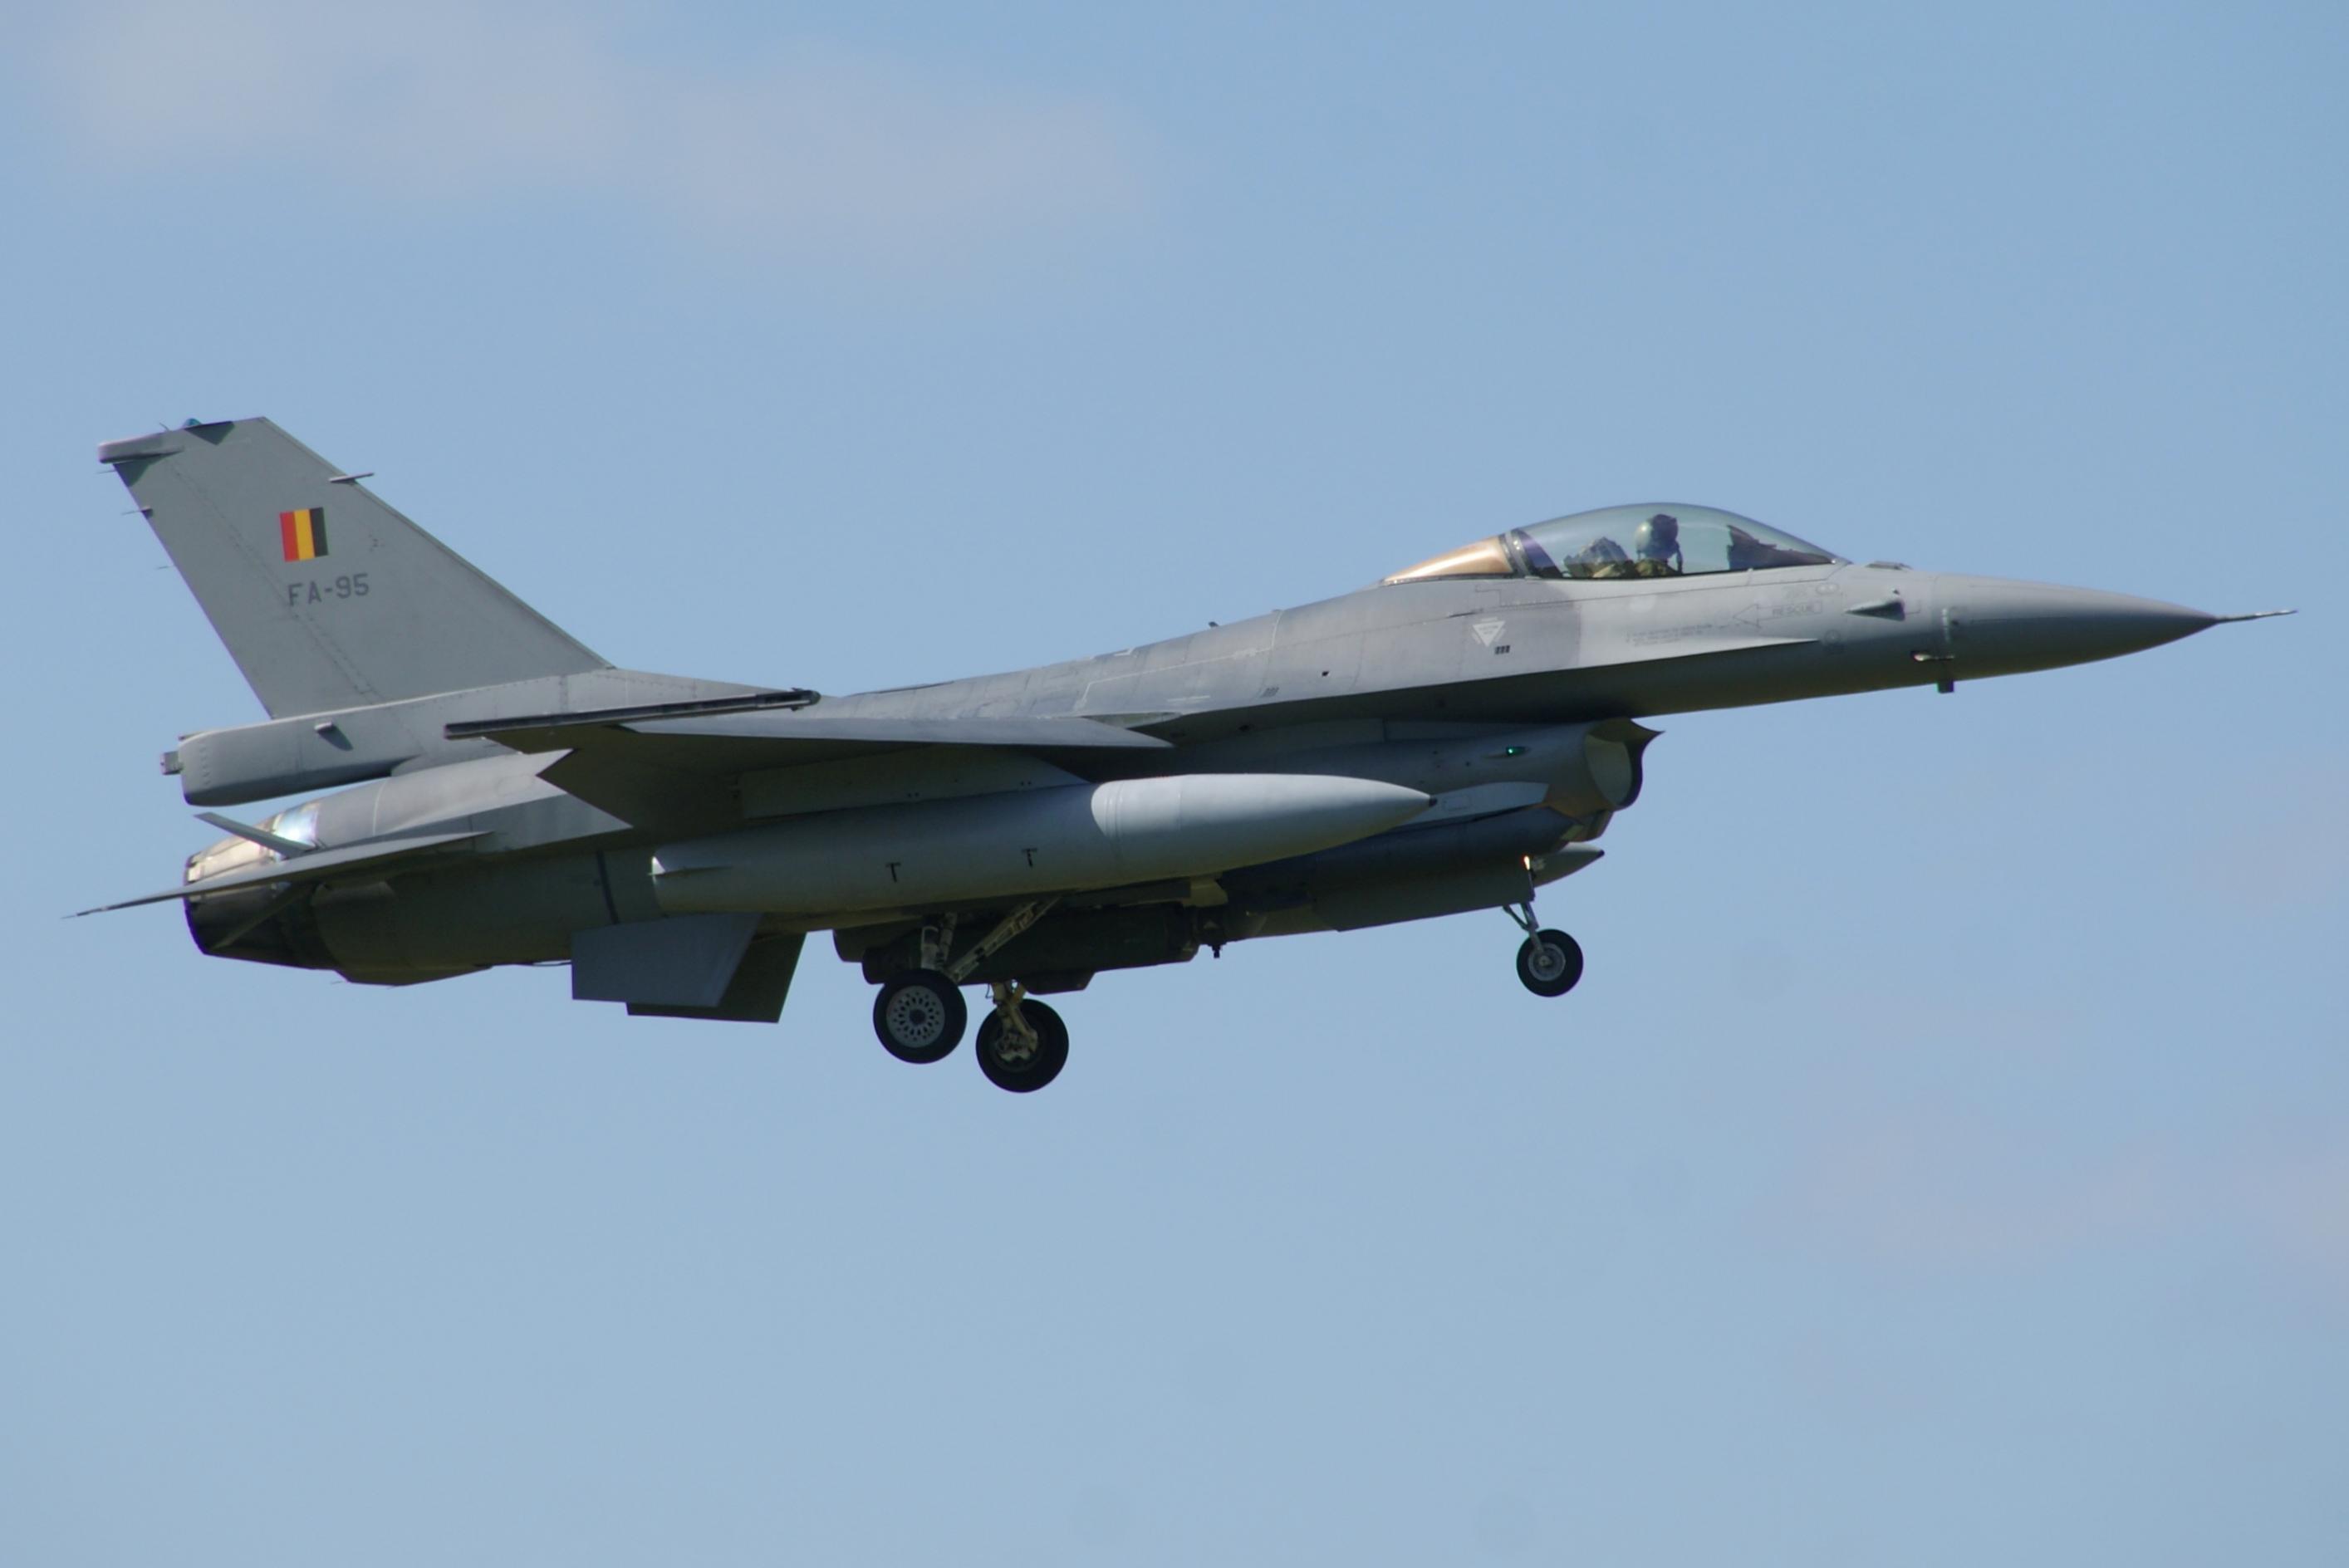 Naam: FA-95 NK.jpg Bekeken: 344 Grootte: 145,0 KB